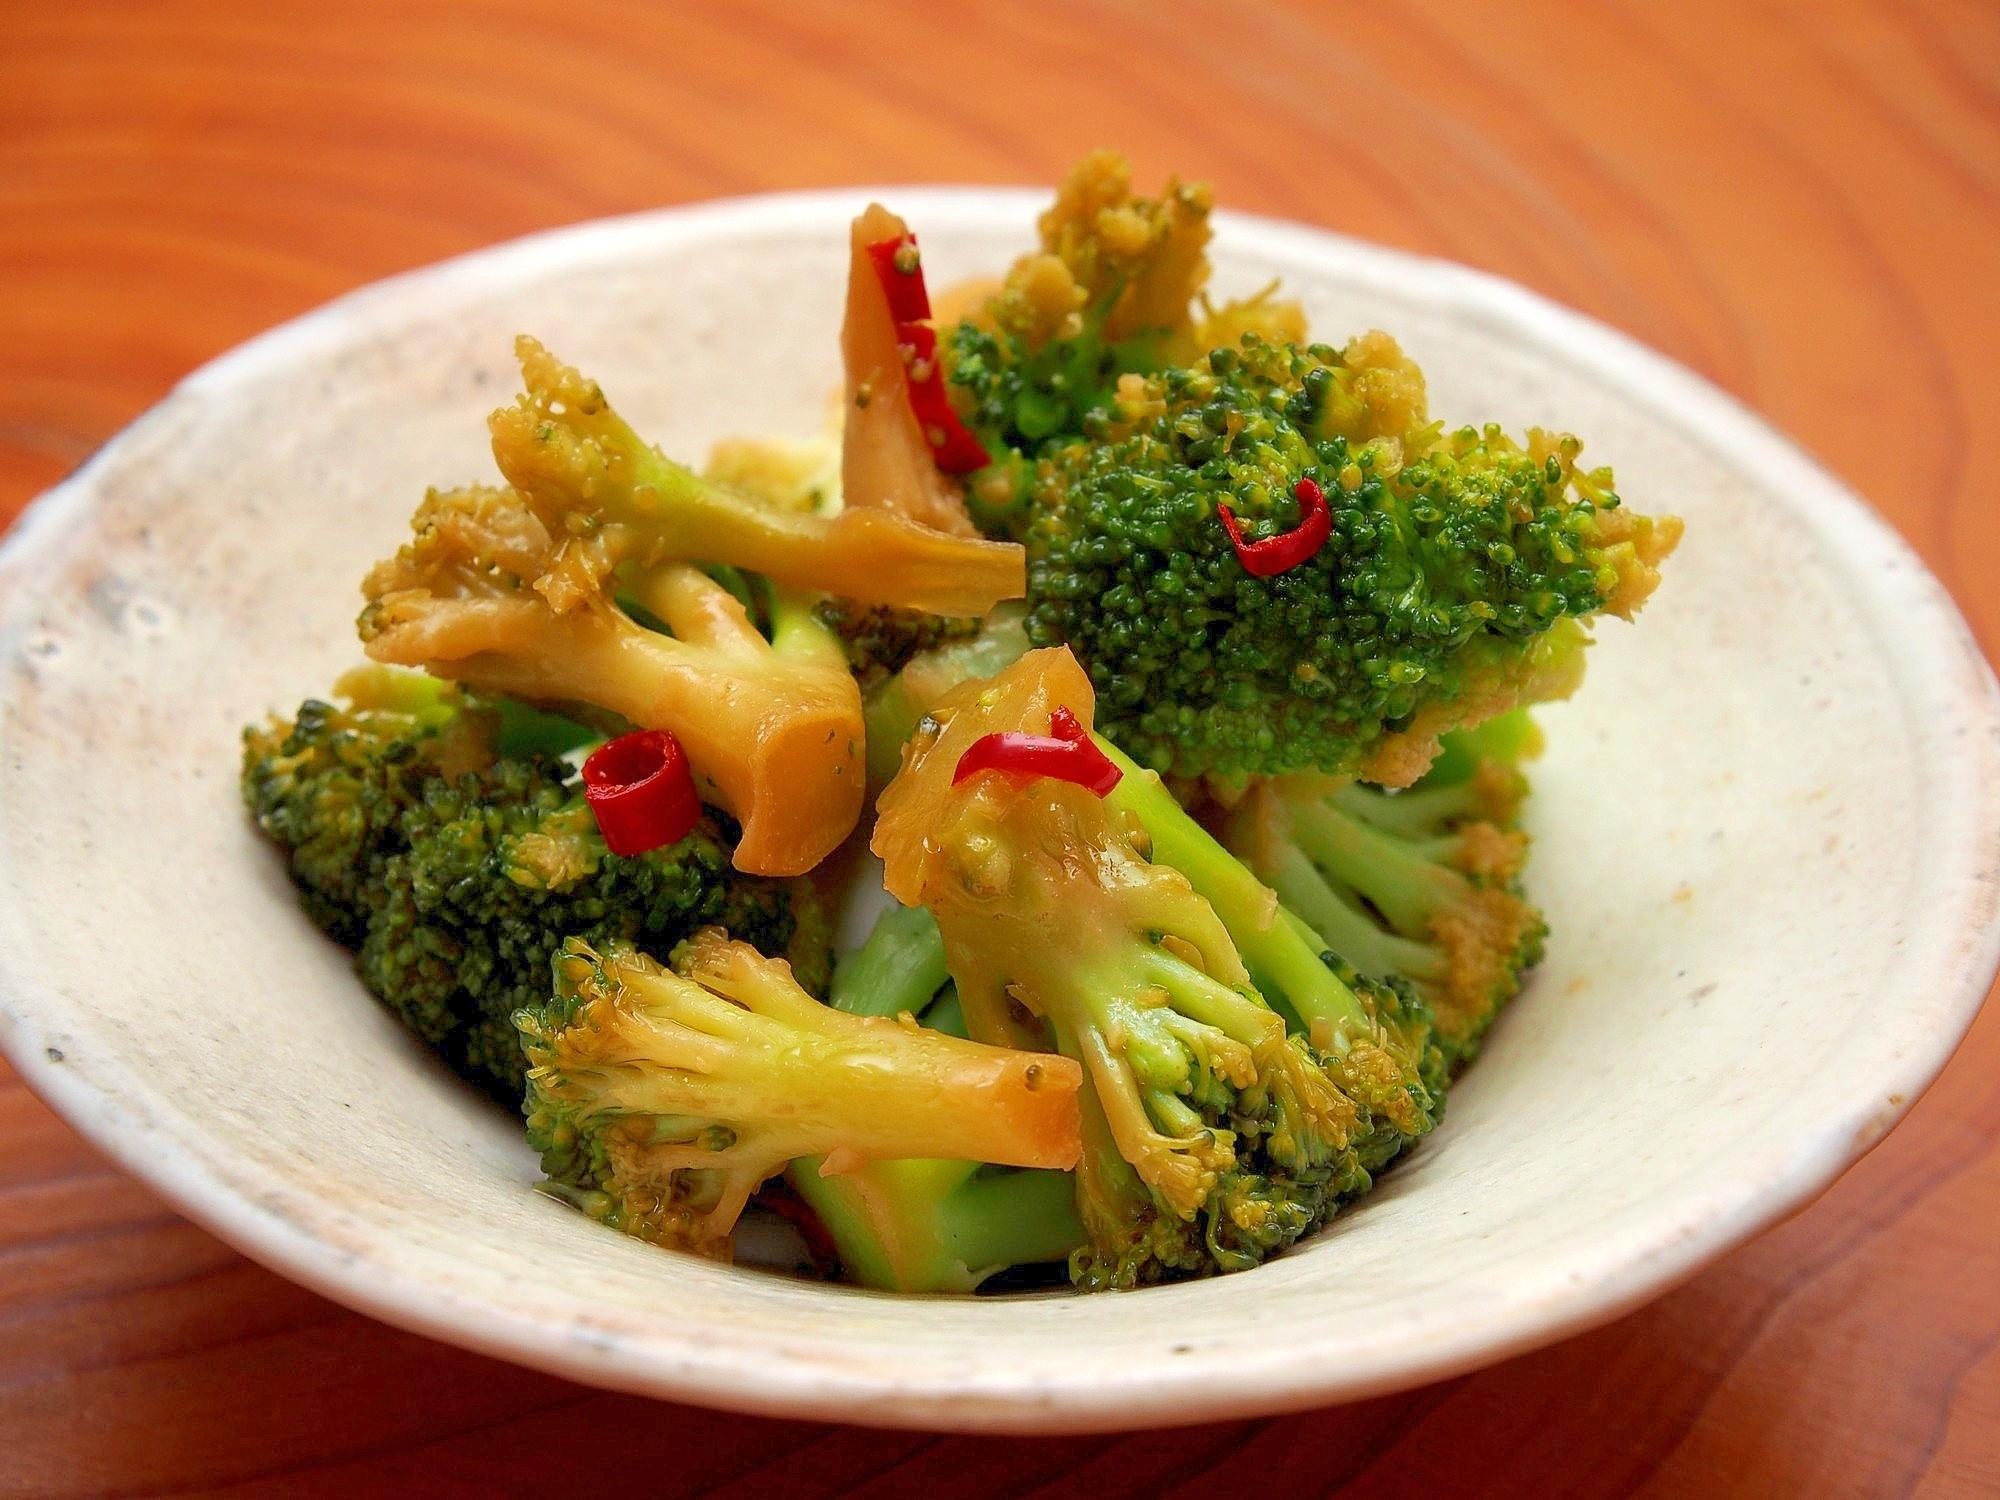 簡単副菜!ブロッコリーの中華風マリネ レシピ・作り方 by 鶏のから揚げ 楽天レシピ